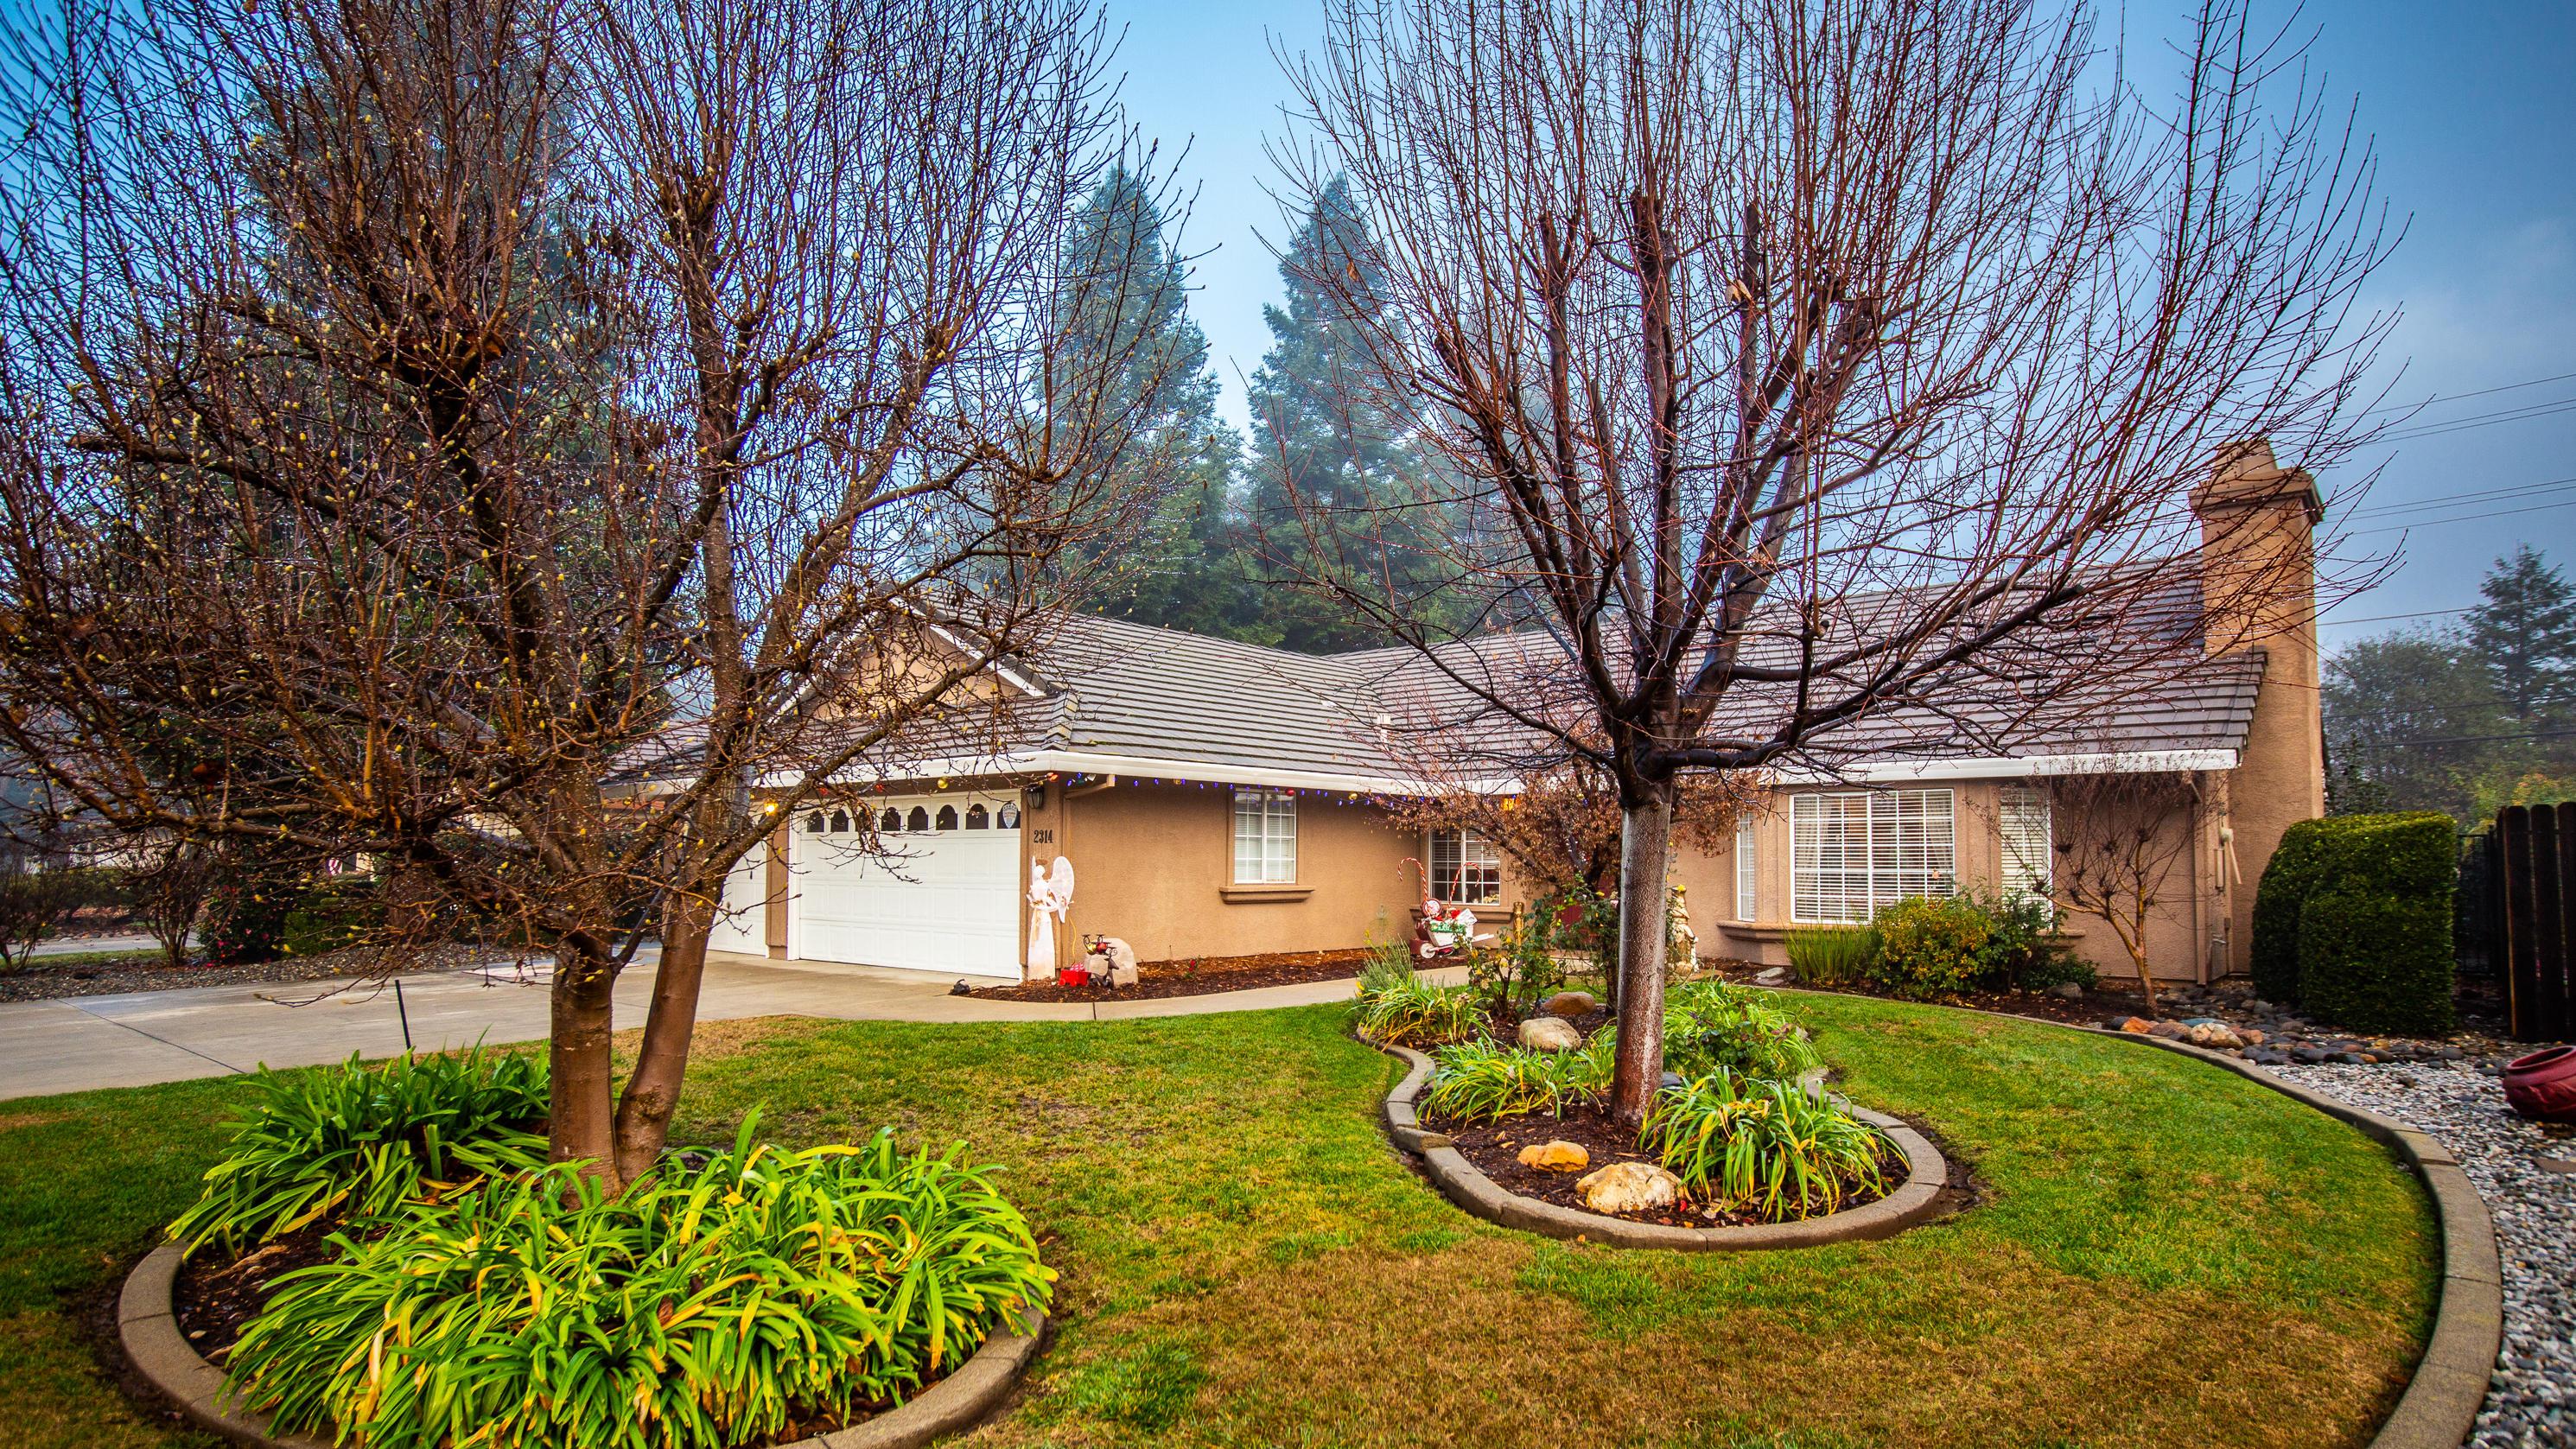 2314 Castlewood Dr, Redding, CA 96002